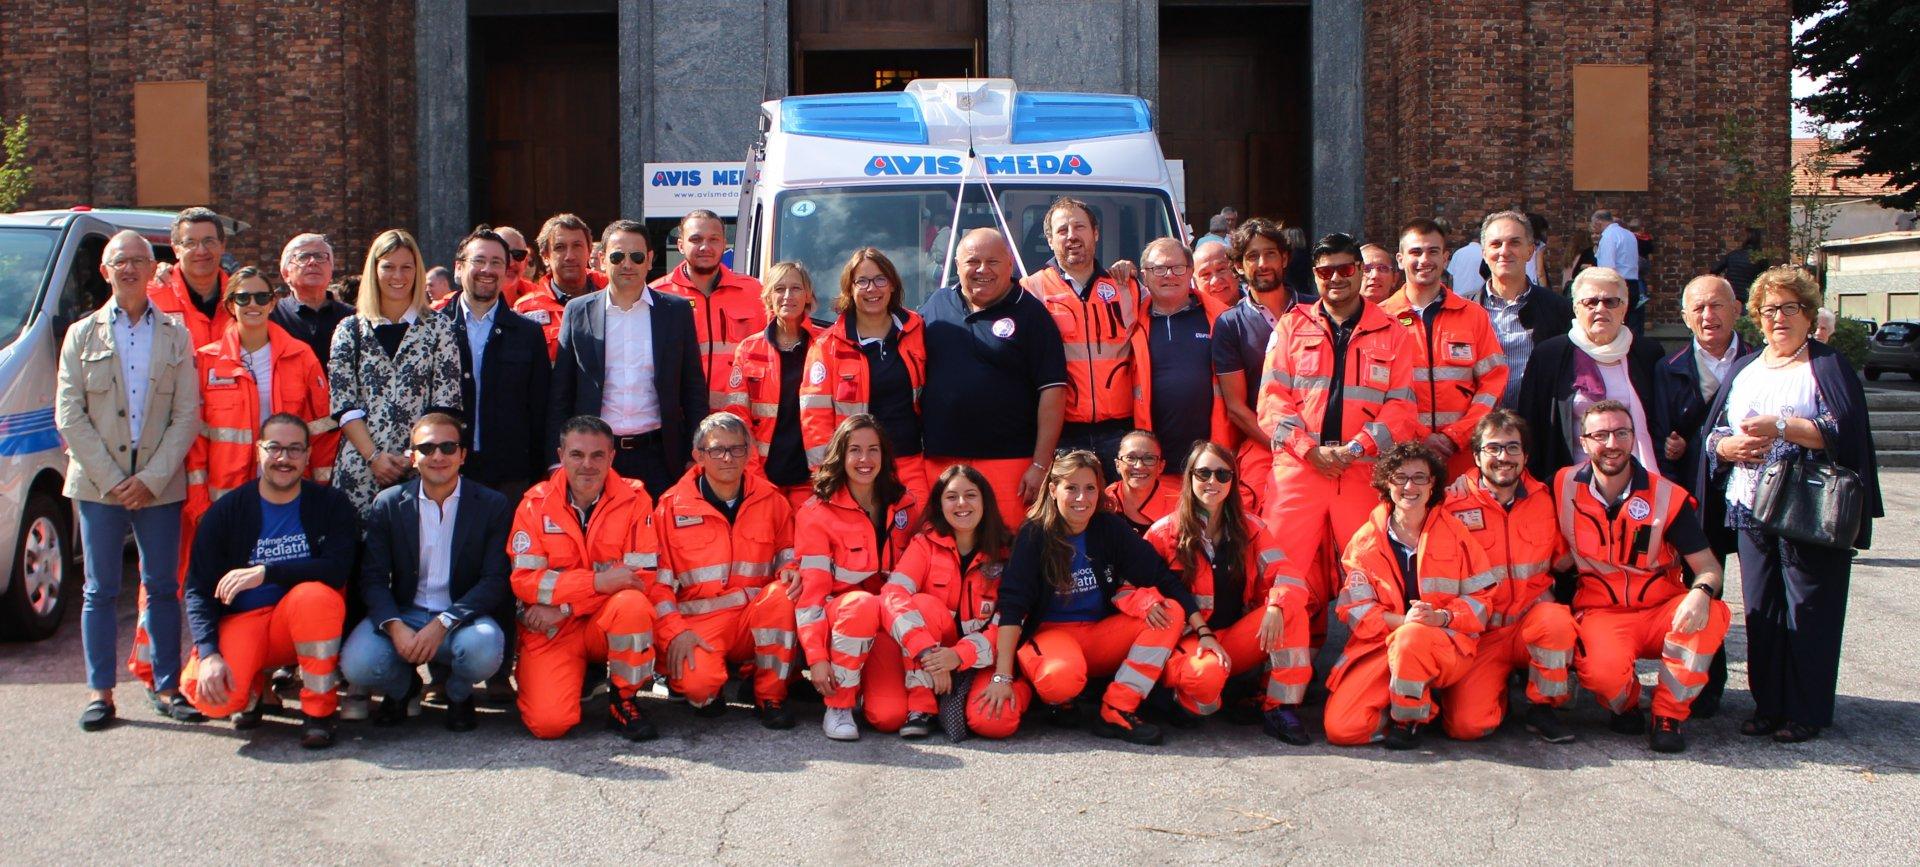 Avis Meda, stasera la presentazione del corso per aspiranti soccorritori - Giornale di Monza